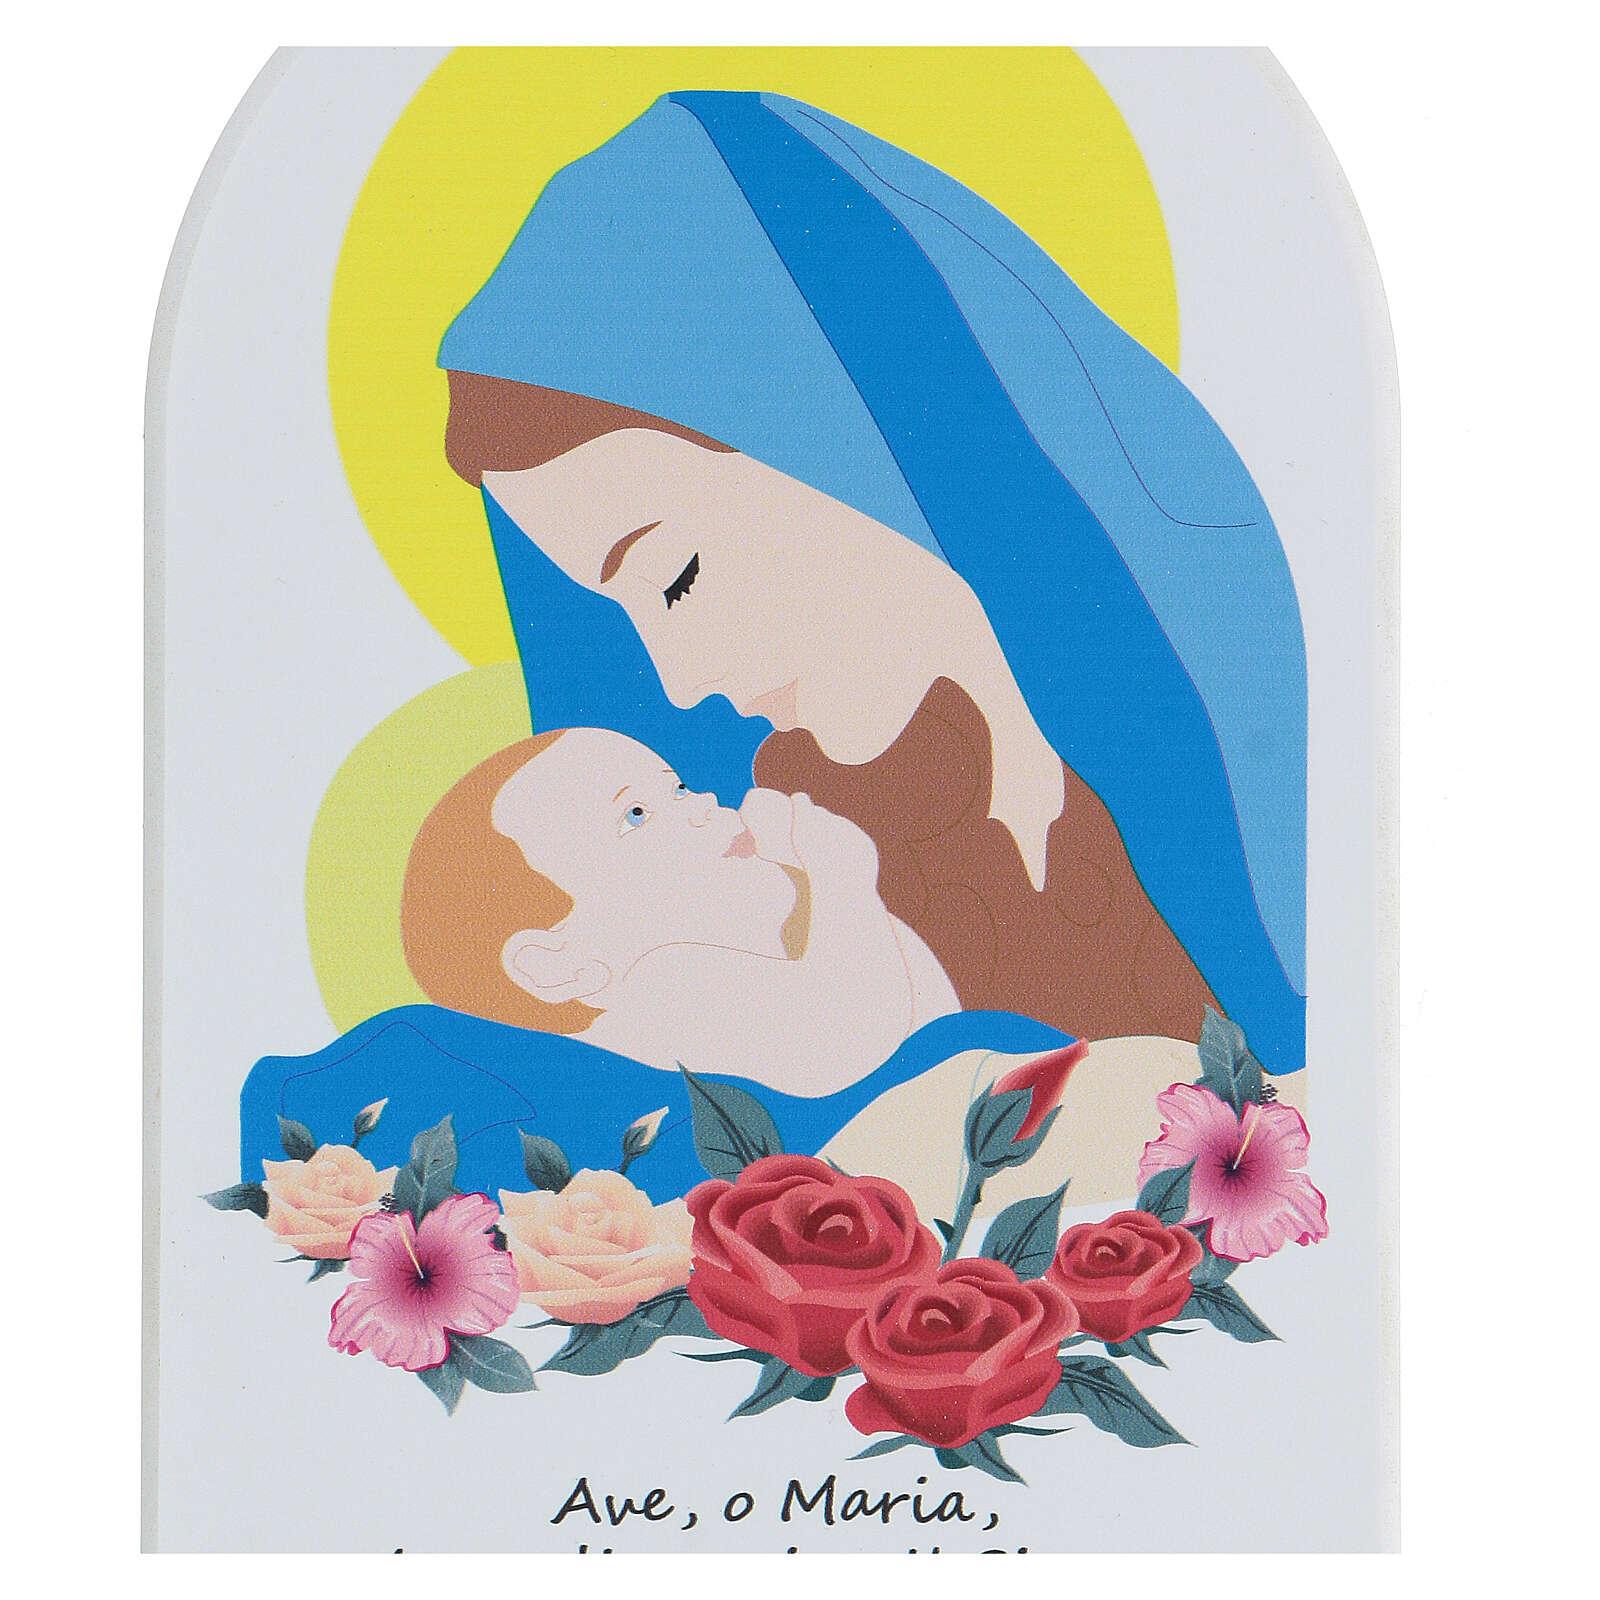 Hail Mary with cartoon style prayer 20 cm 3